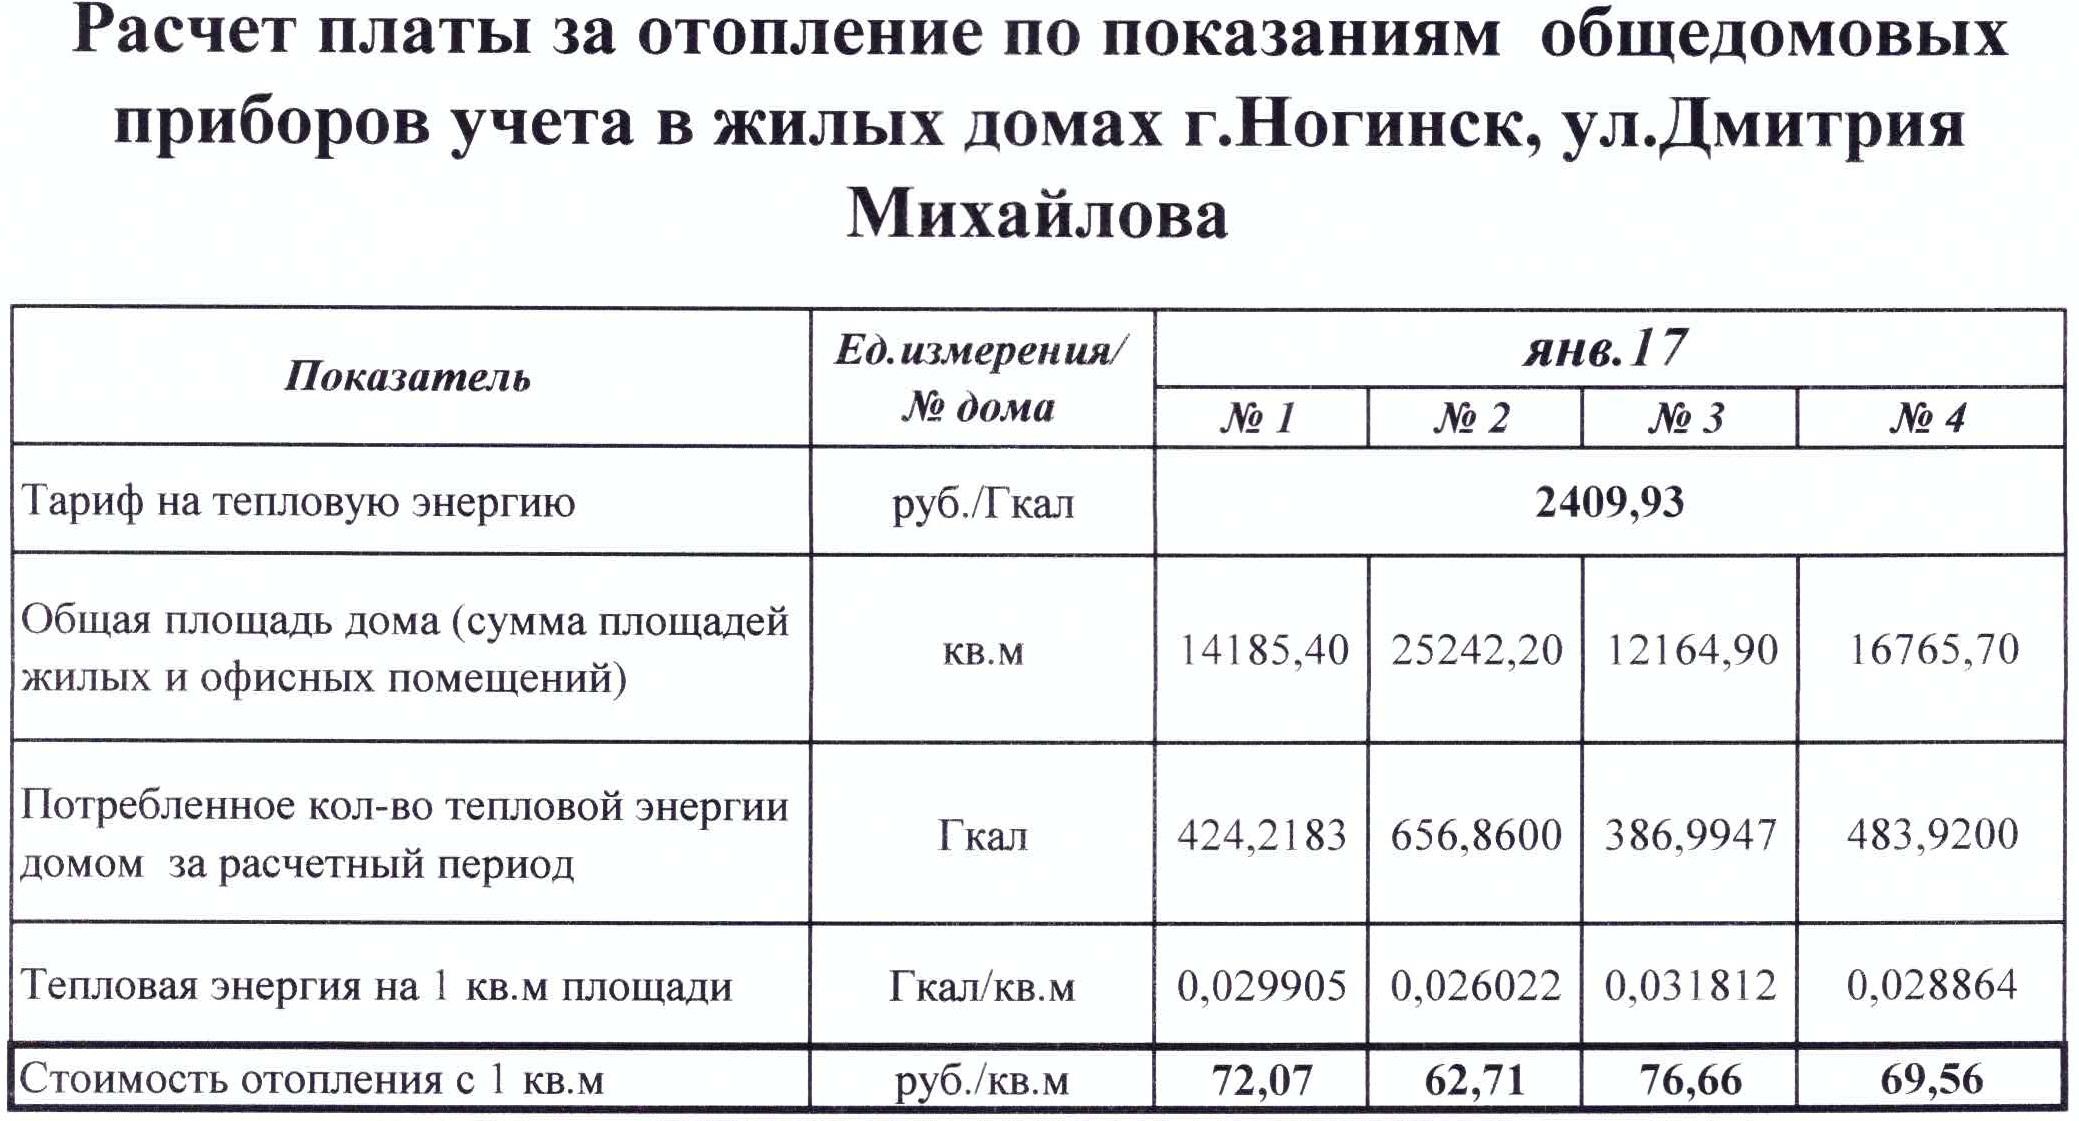 Расчет платы за отопление в мкд, оборудованном одпу, ипу отсутствуют, оплата в течение года